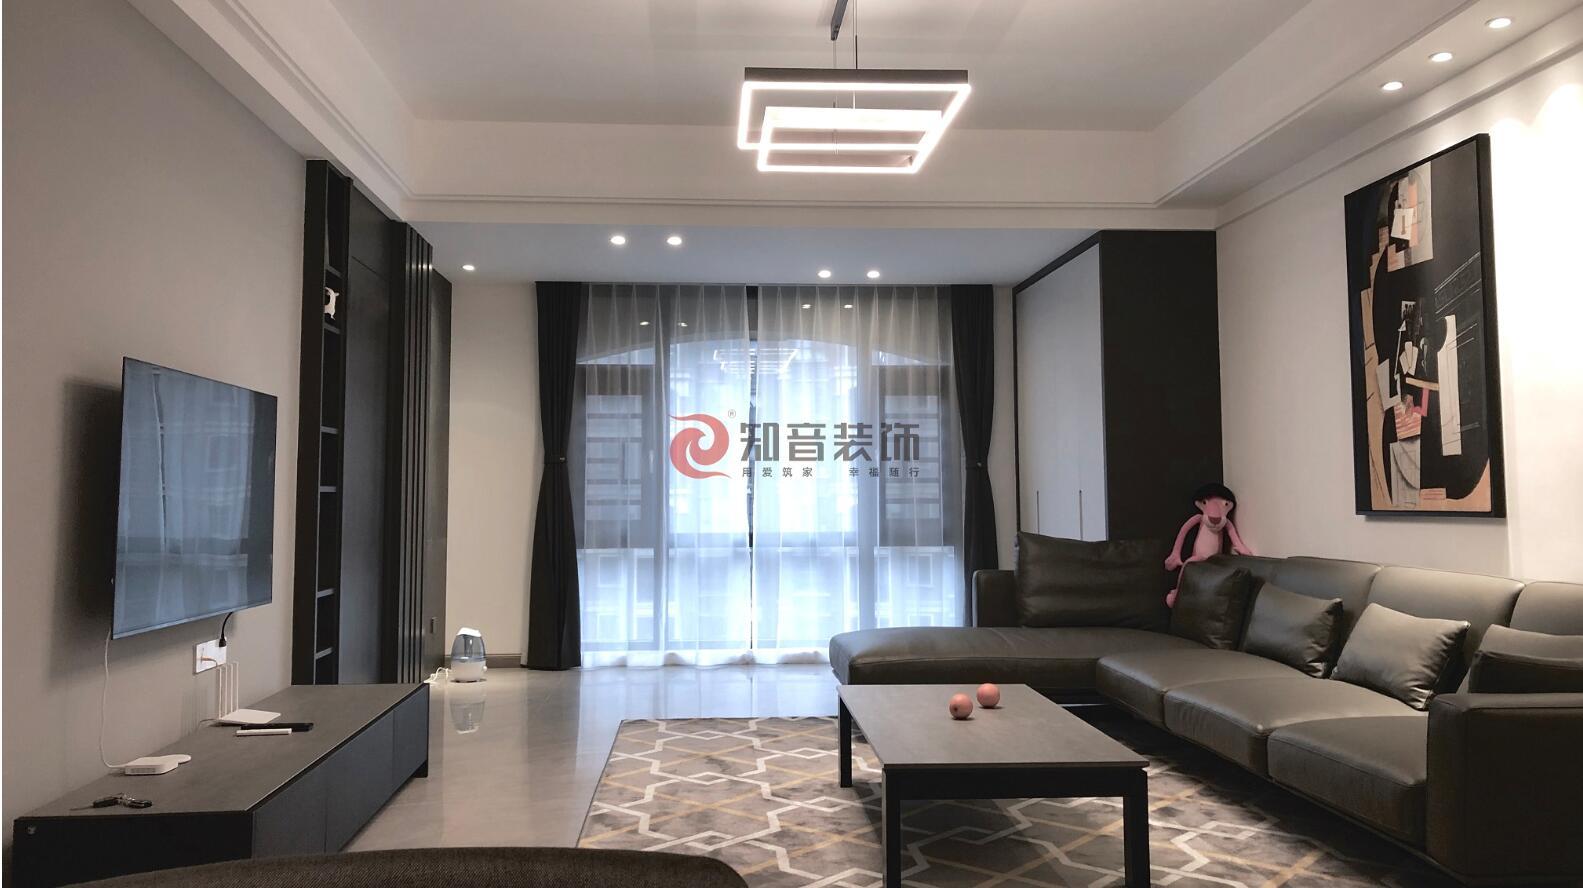 湘潭东方名苑·臻嘉园四室两厅两卫现代极简风装修效果图